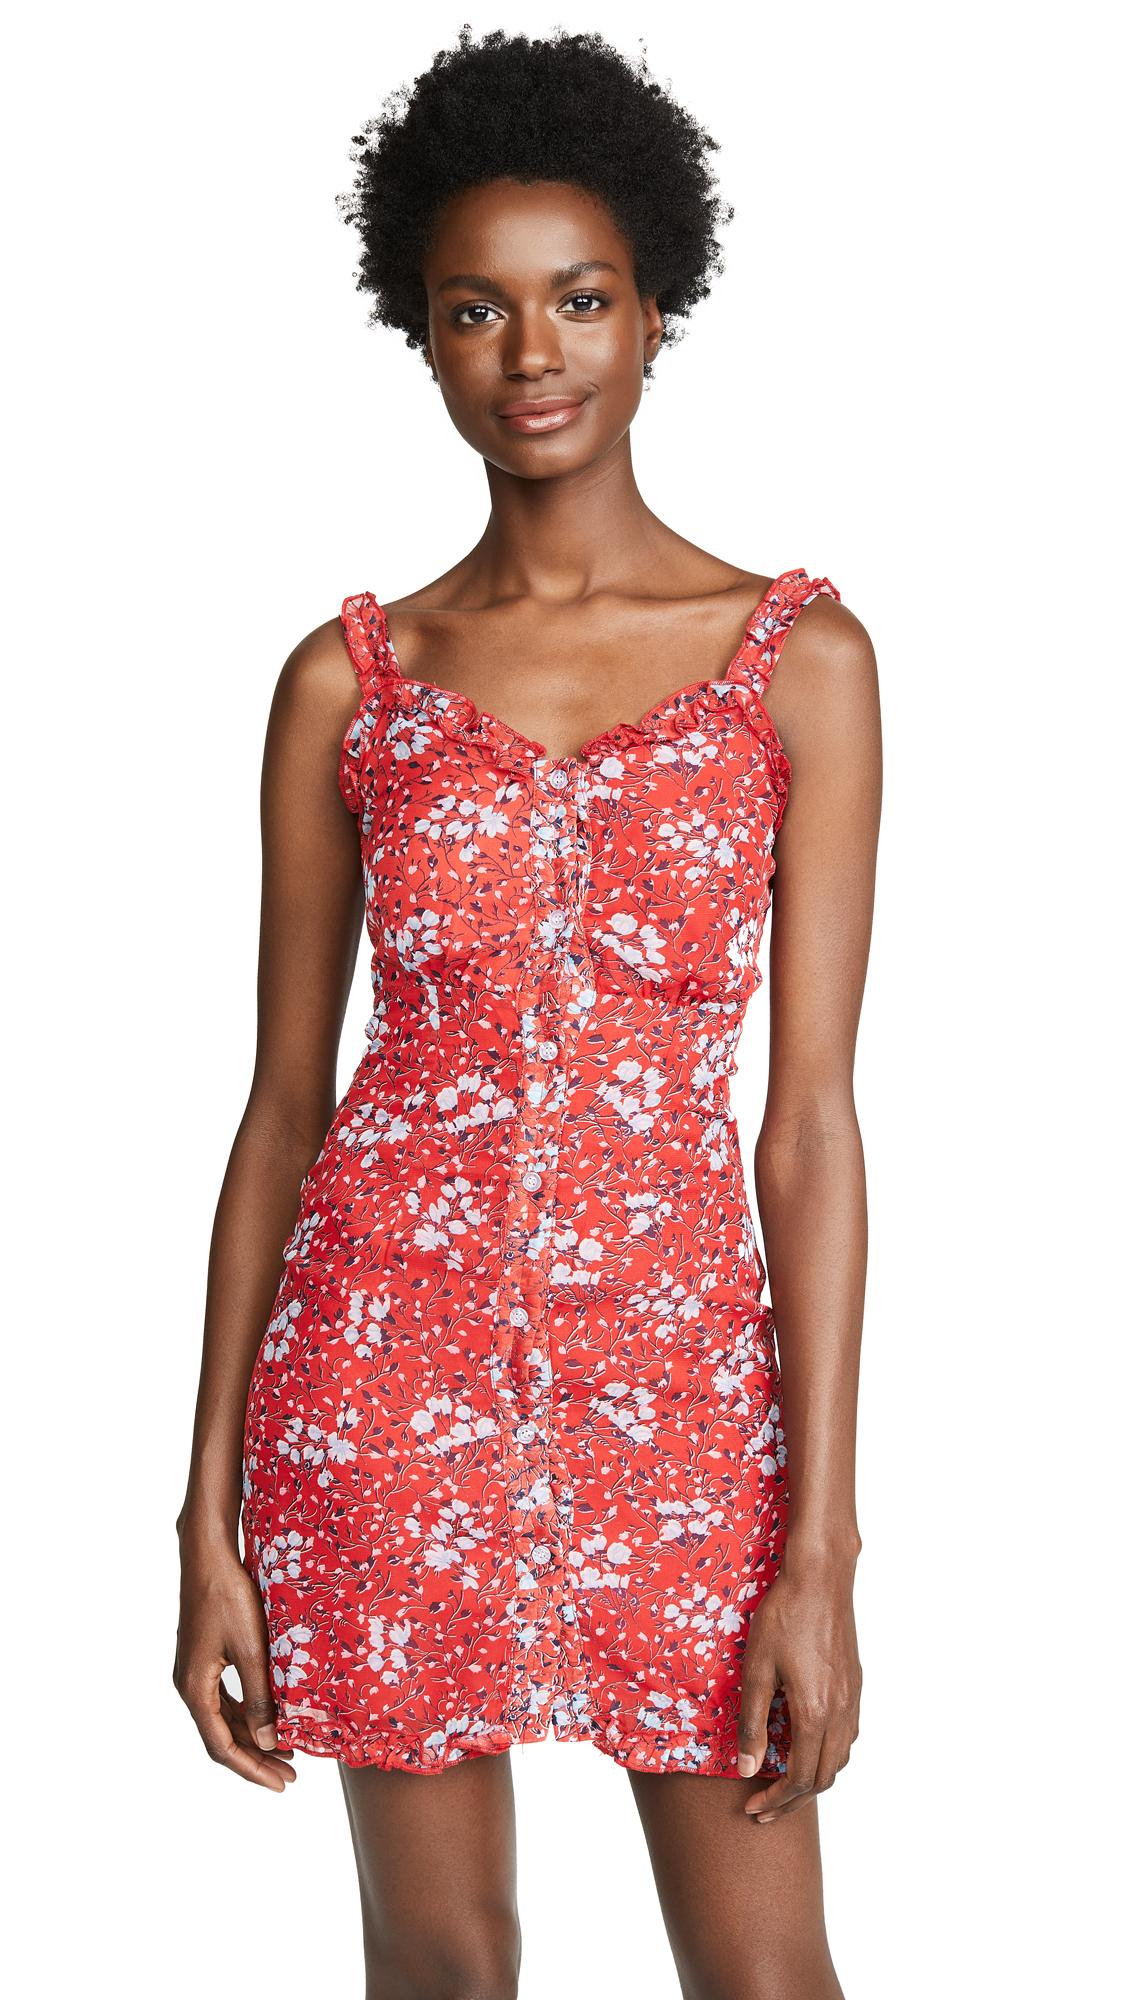 NIGHTWALKER Lyla Dress in Parisienne Floral